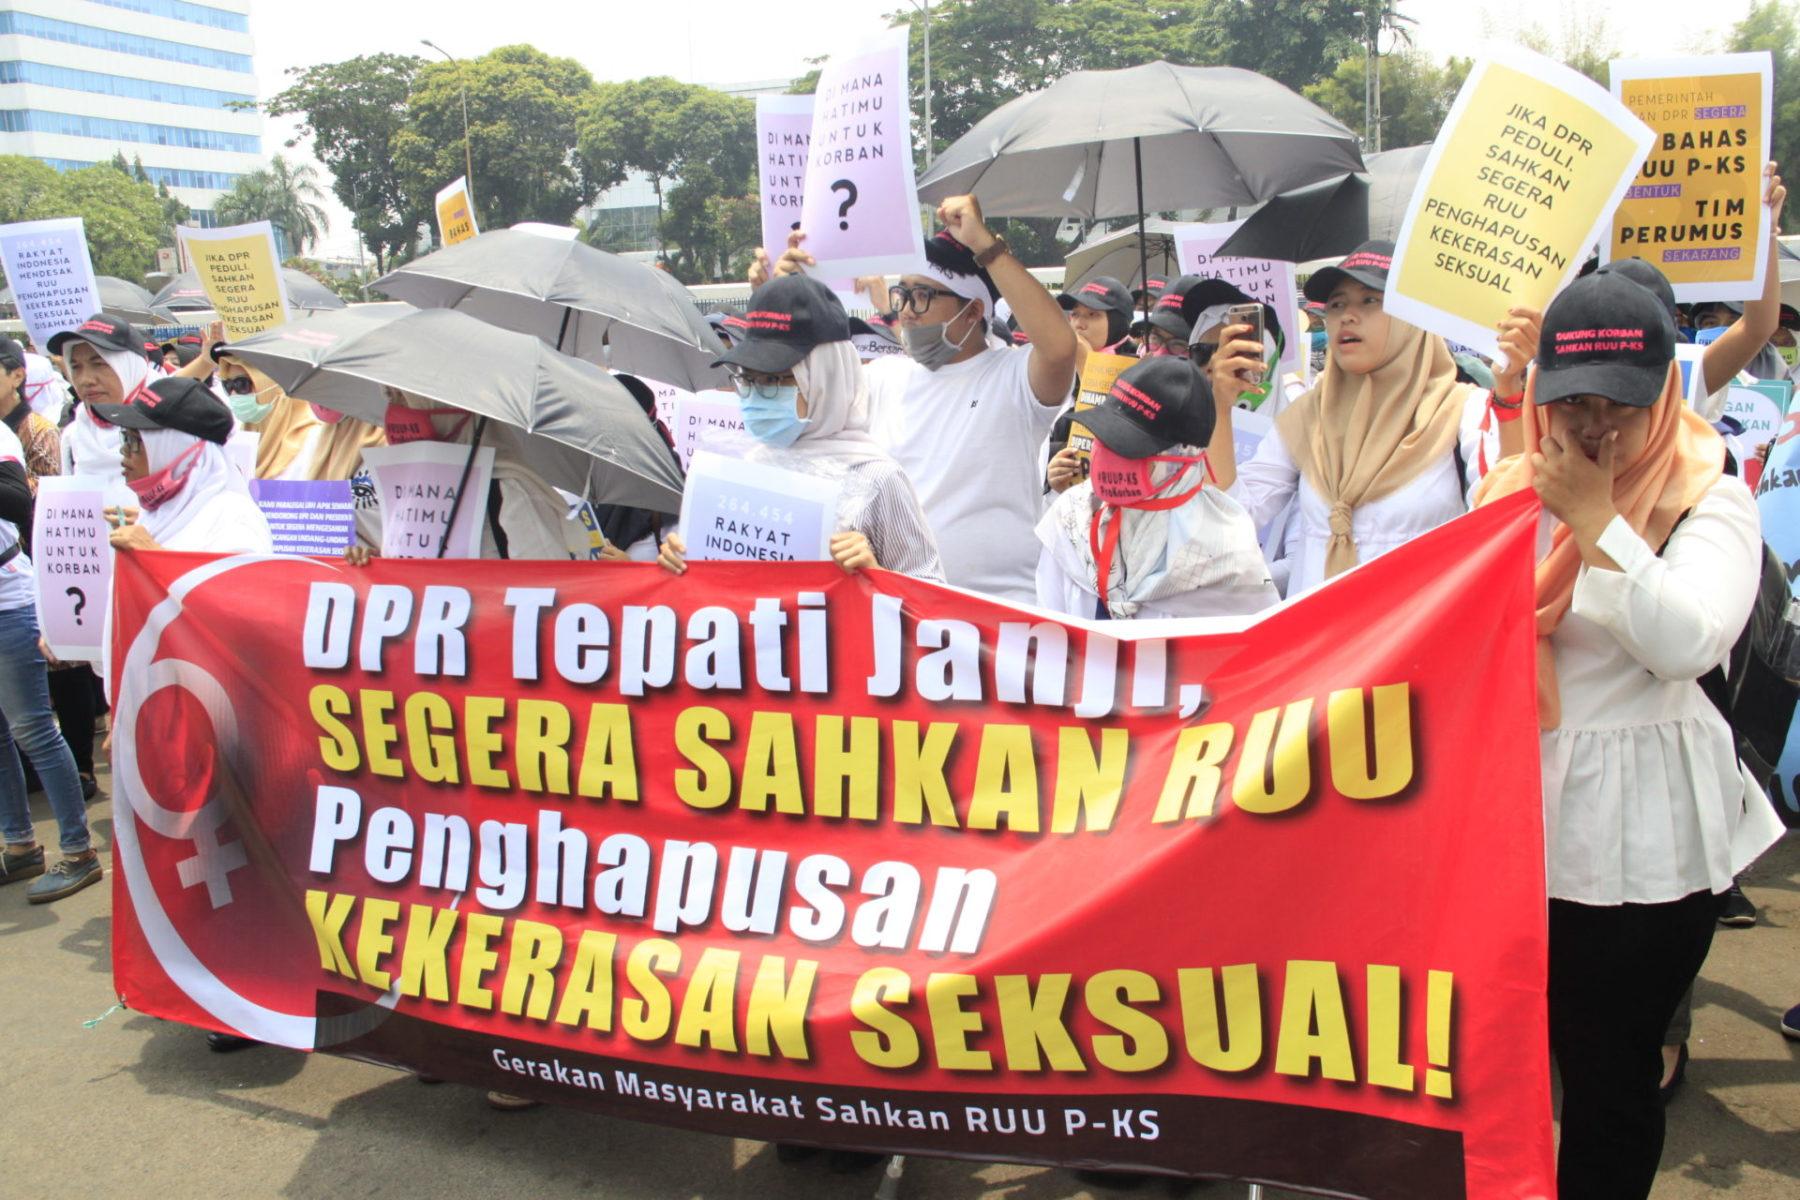 Indonesien Beendigung sexualisierter Gewalt